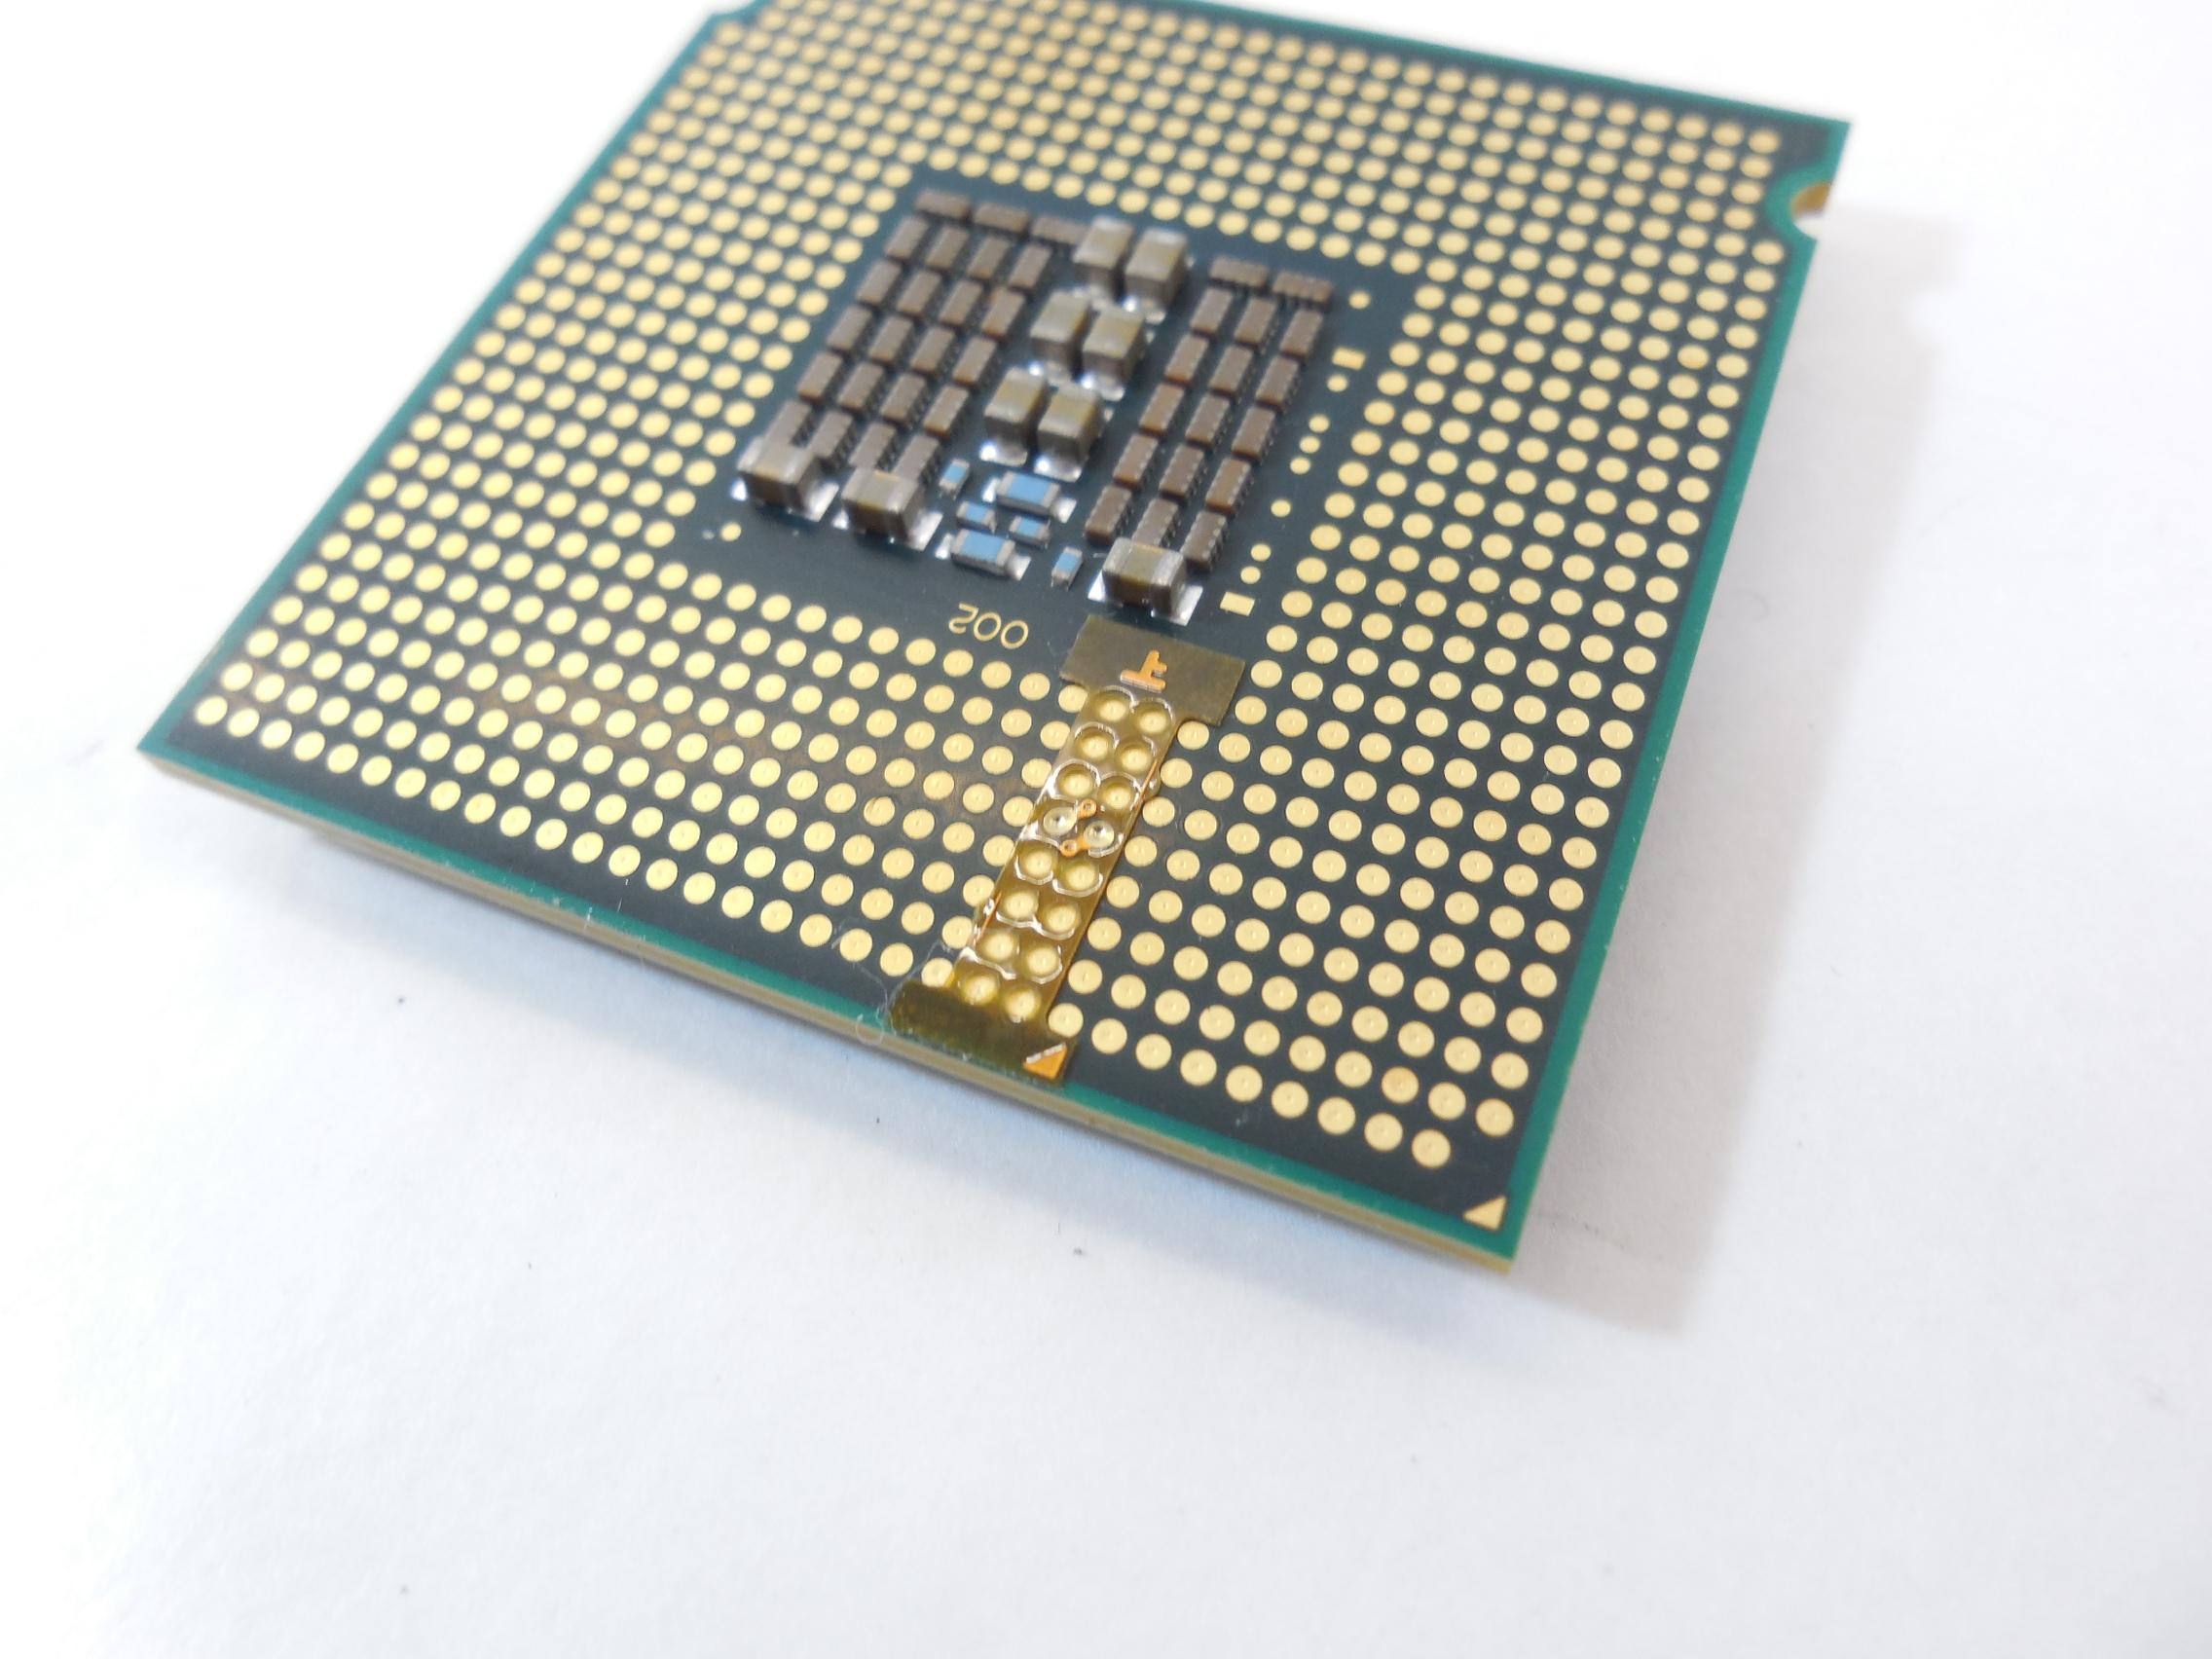 Проц  4-ядра Socket 775 Intel XEON E5450, 3 0GHz